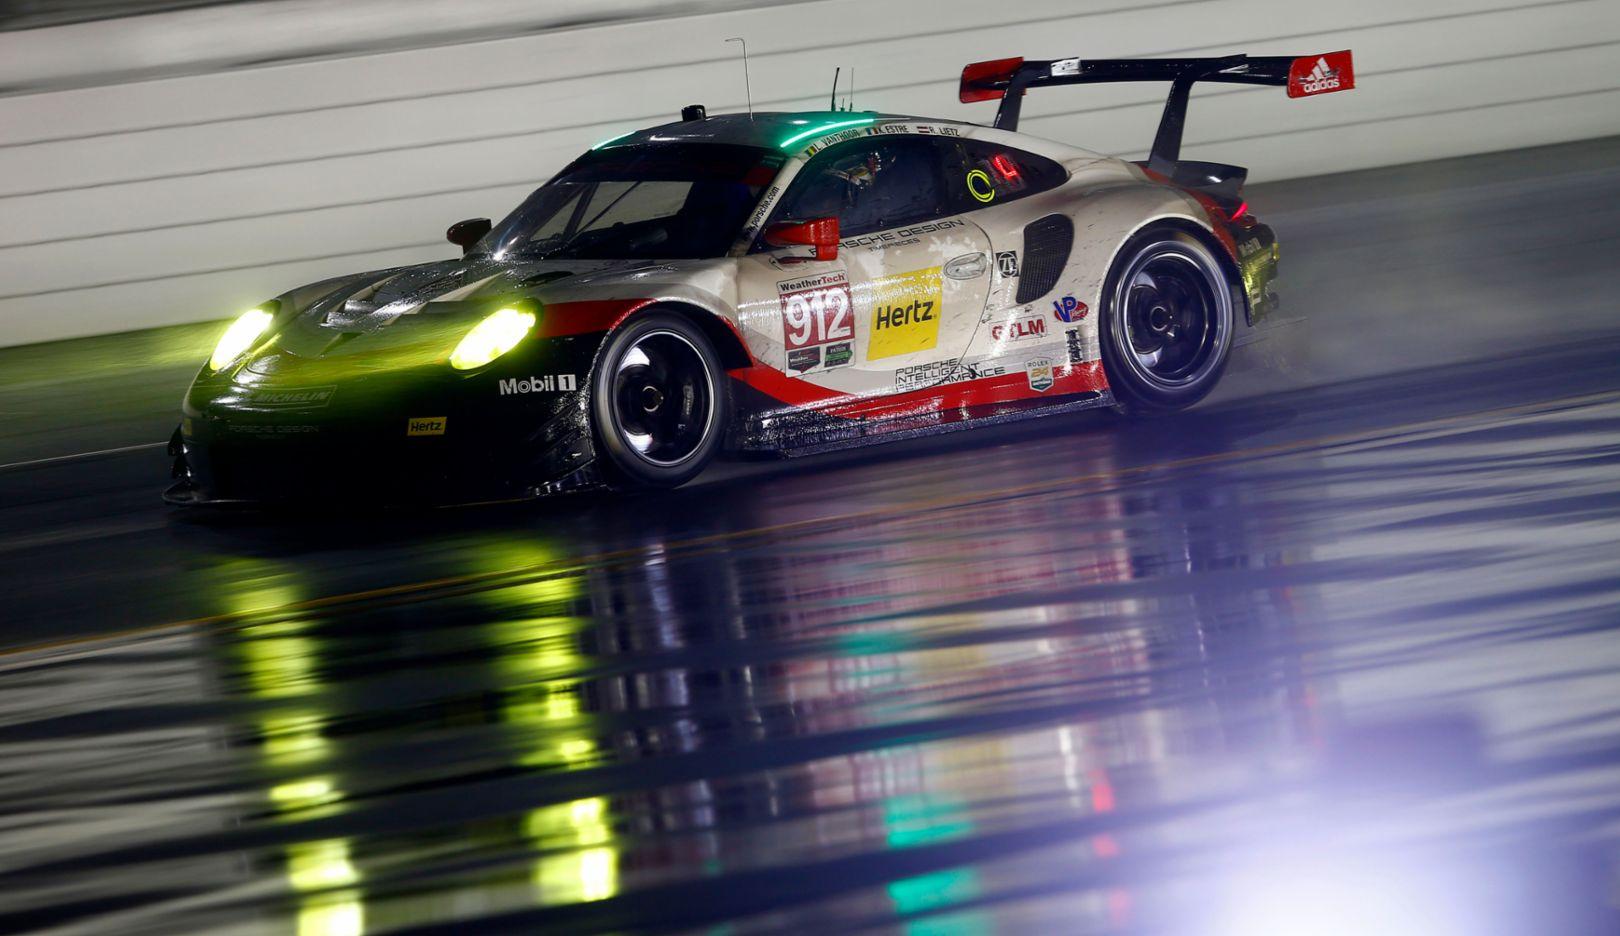 911 RSR, IMSA SportsCar Championship, Daytona, USA, 2017, Porsche AG